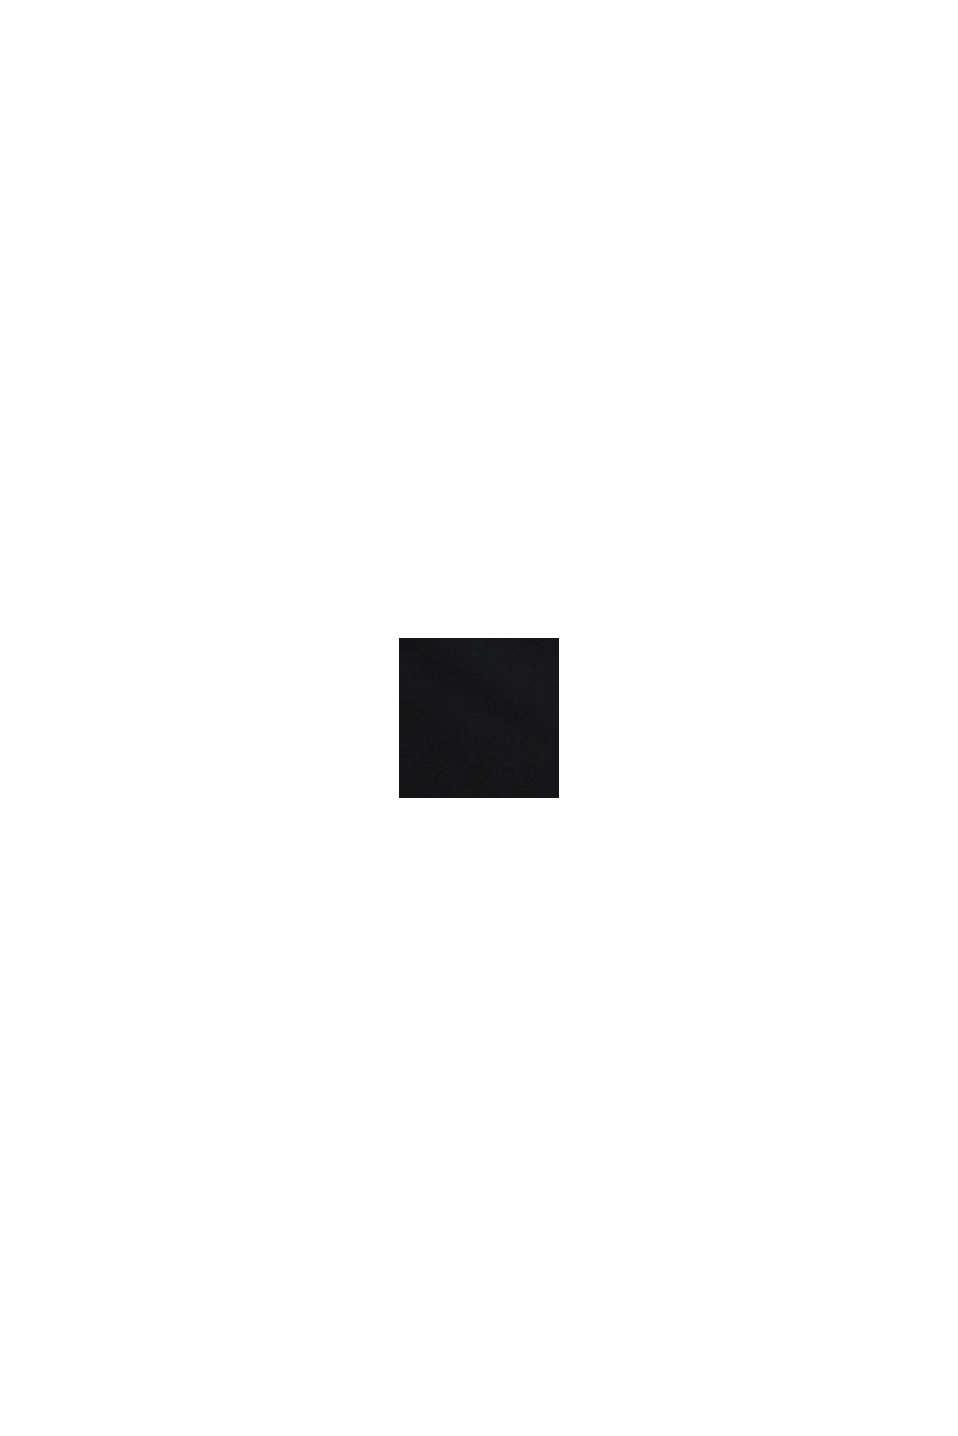 Jersey broek met band over de buik, BLACK, swatch